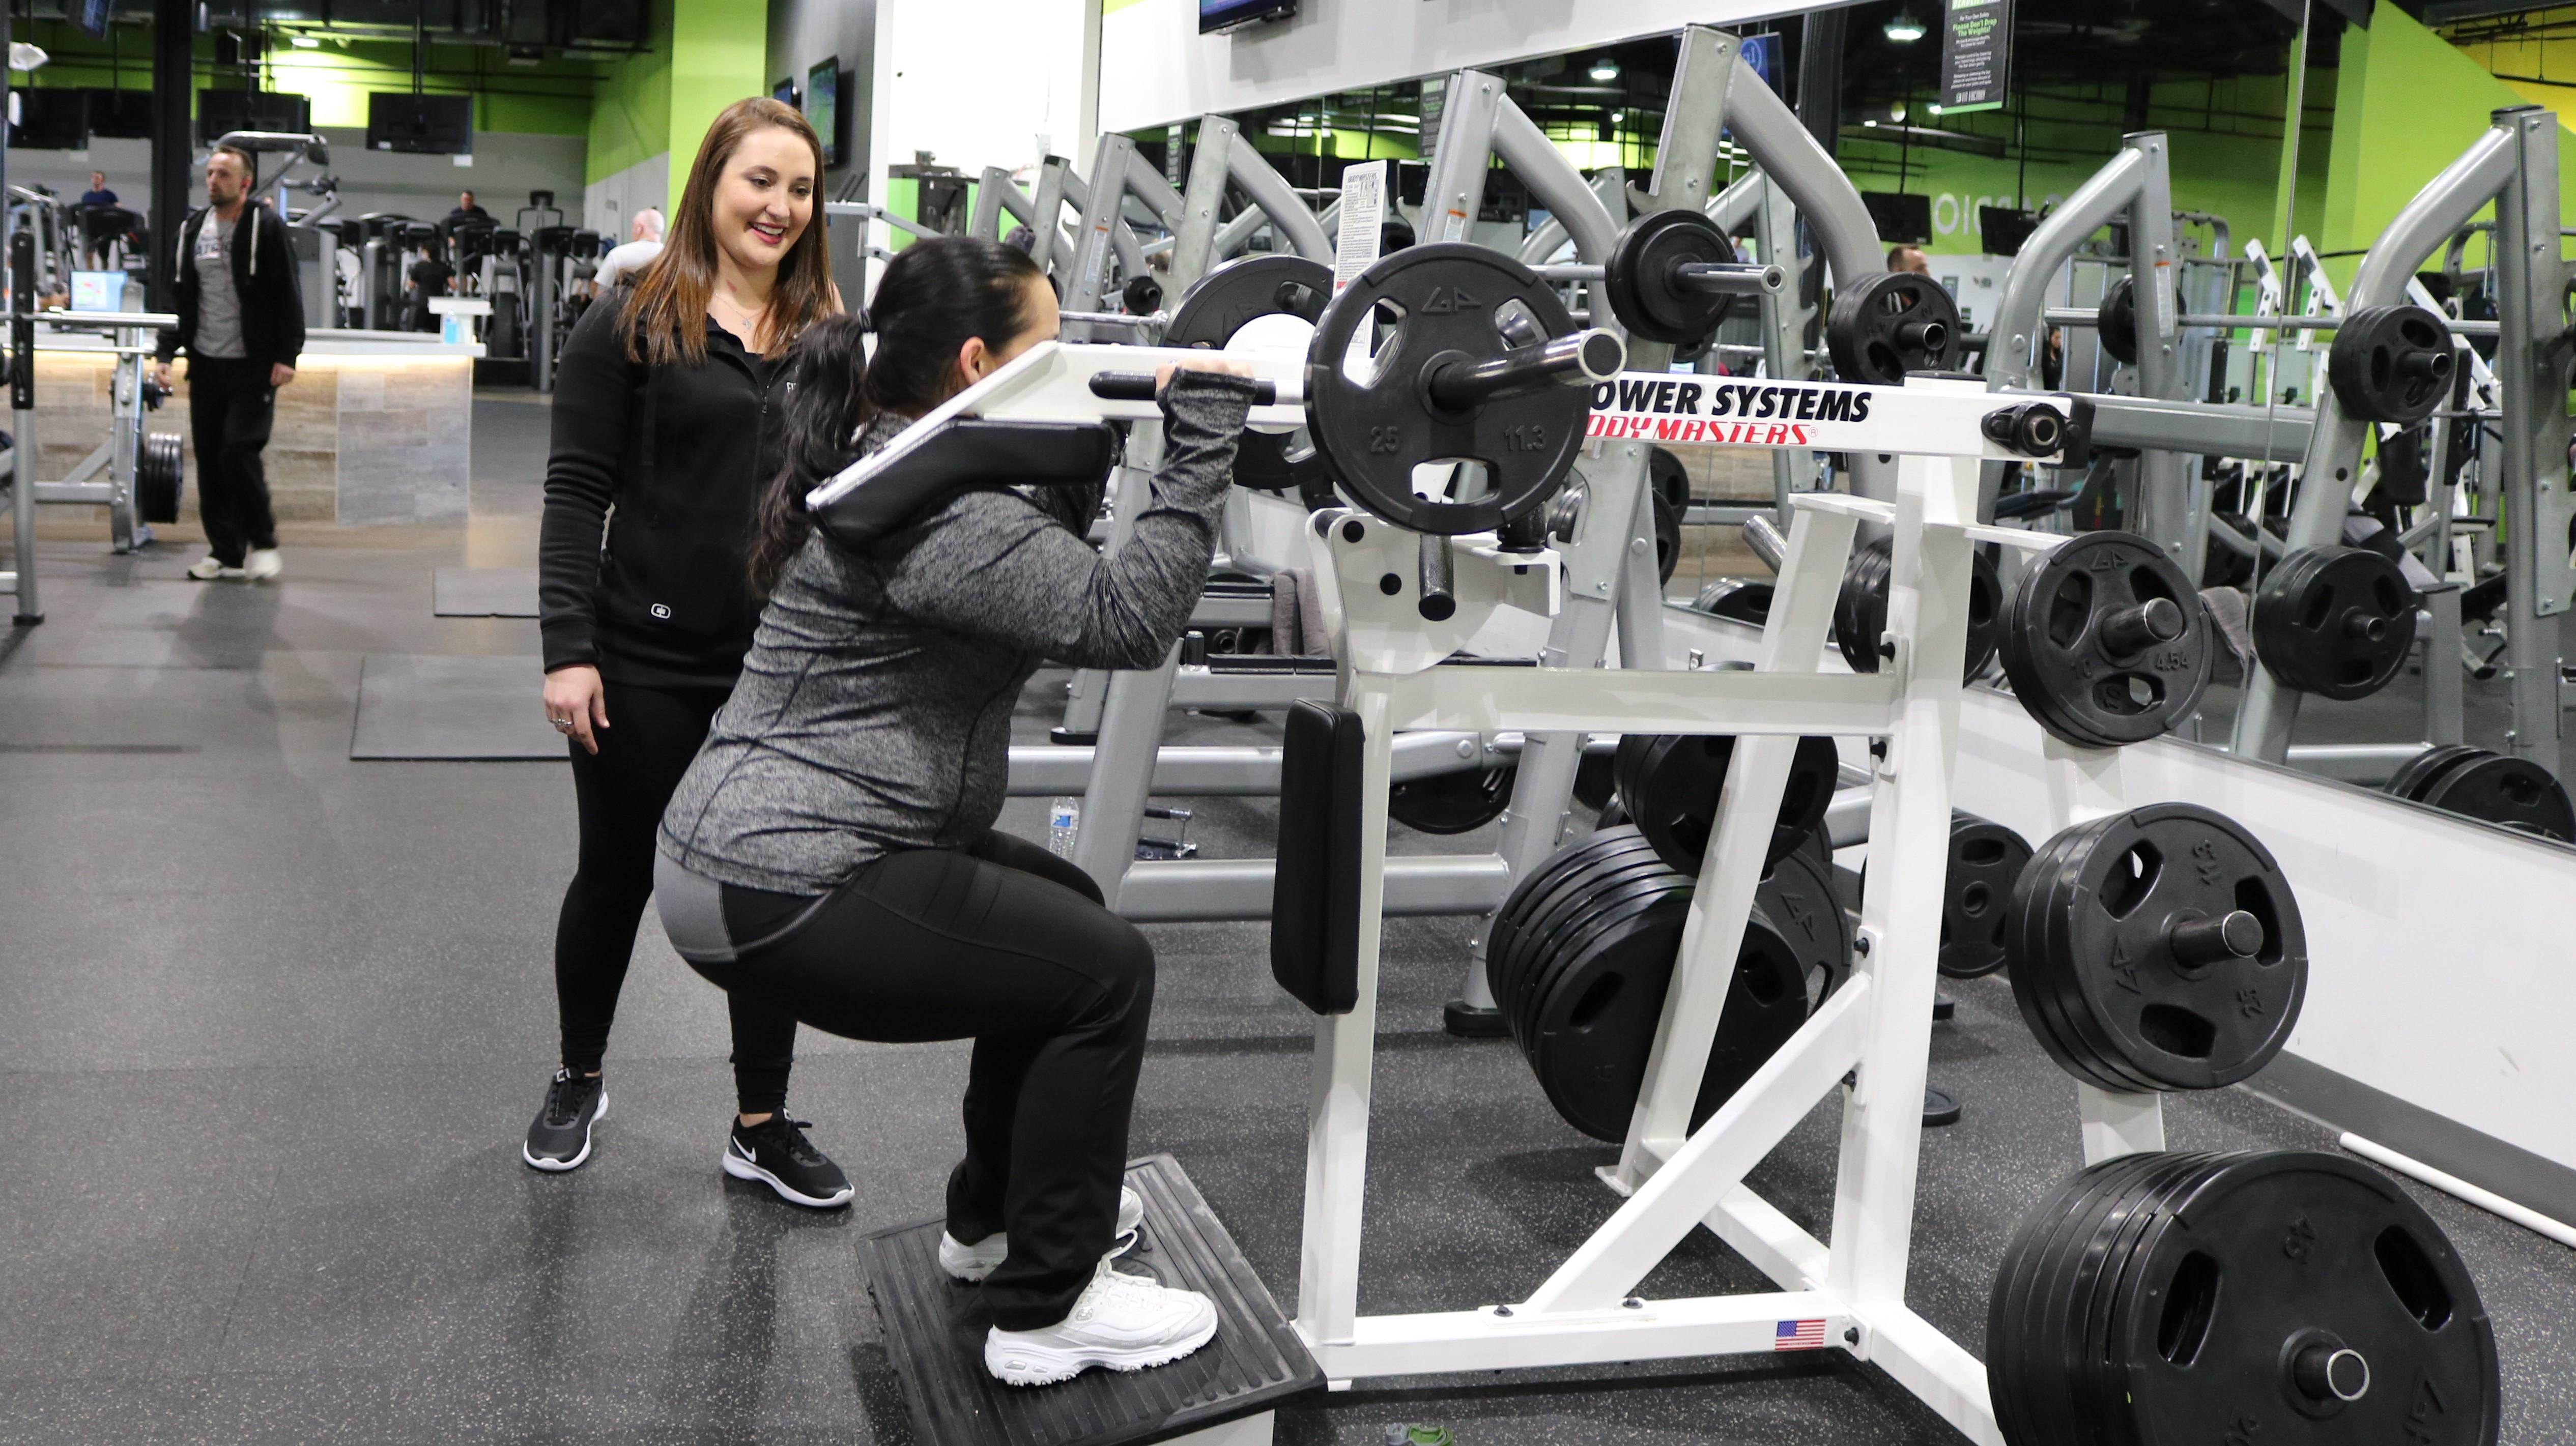 Trainer Tip: Caragh Fane-Hervey